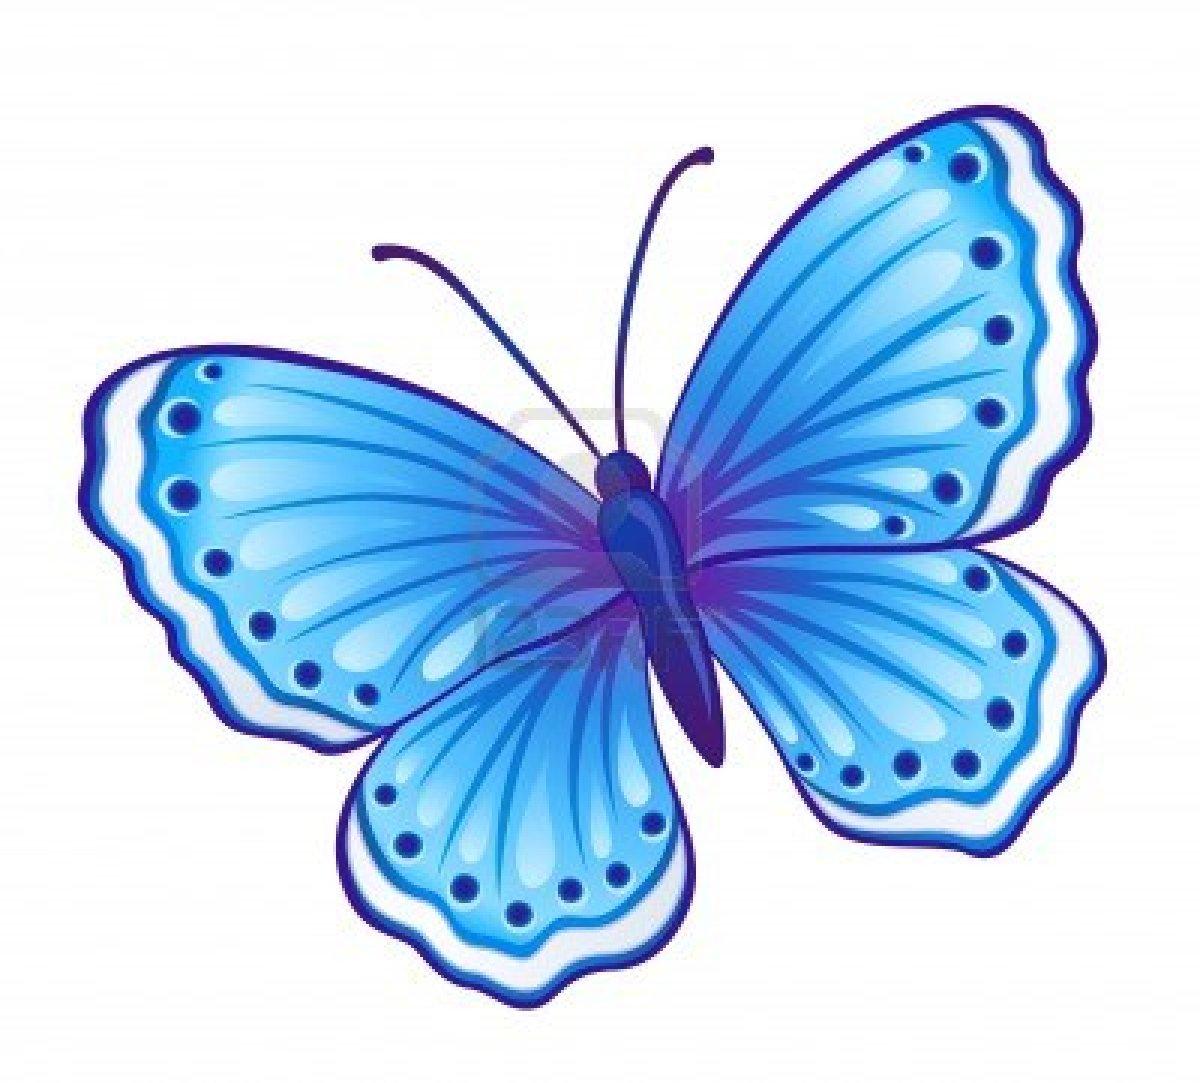 Dessin en couleurs à imprimer : Animaux - Insectes - Papillon numéro ...